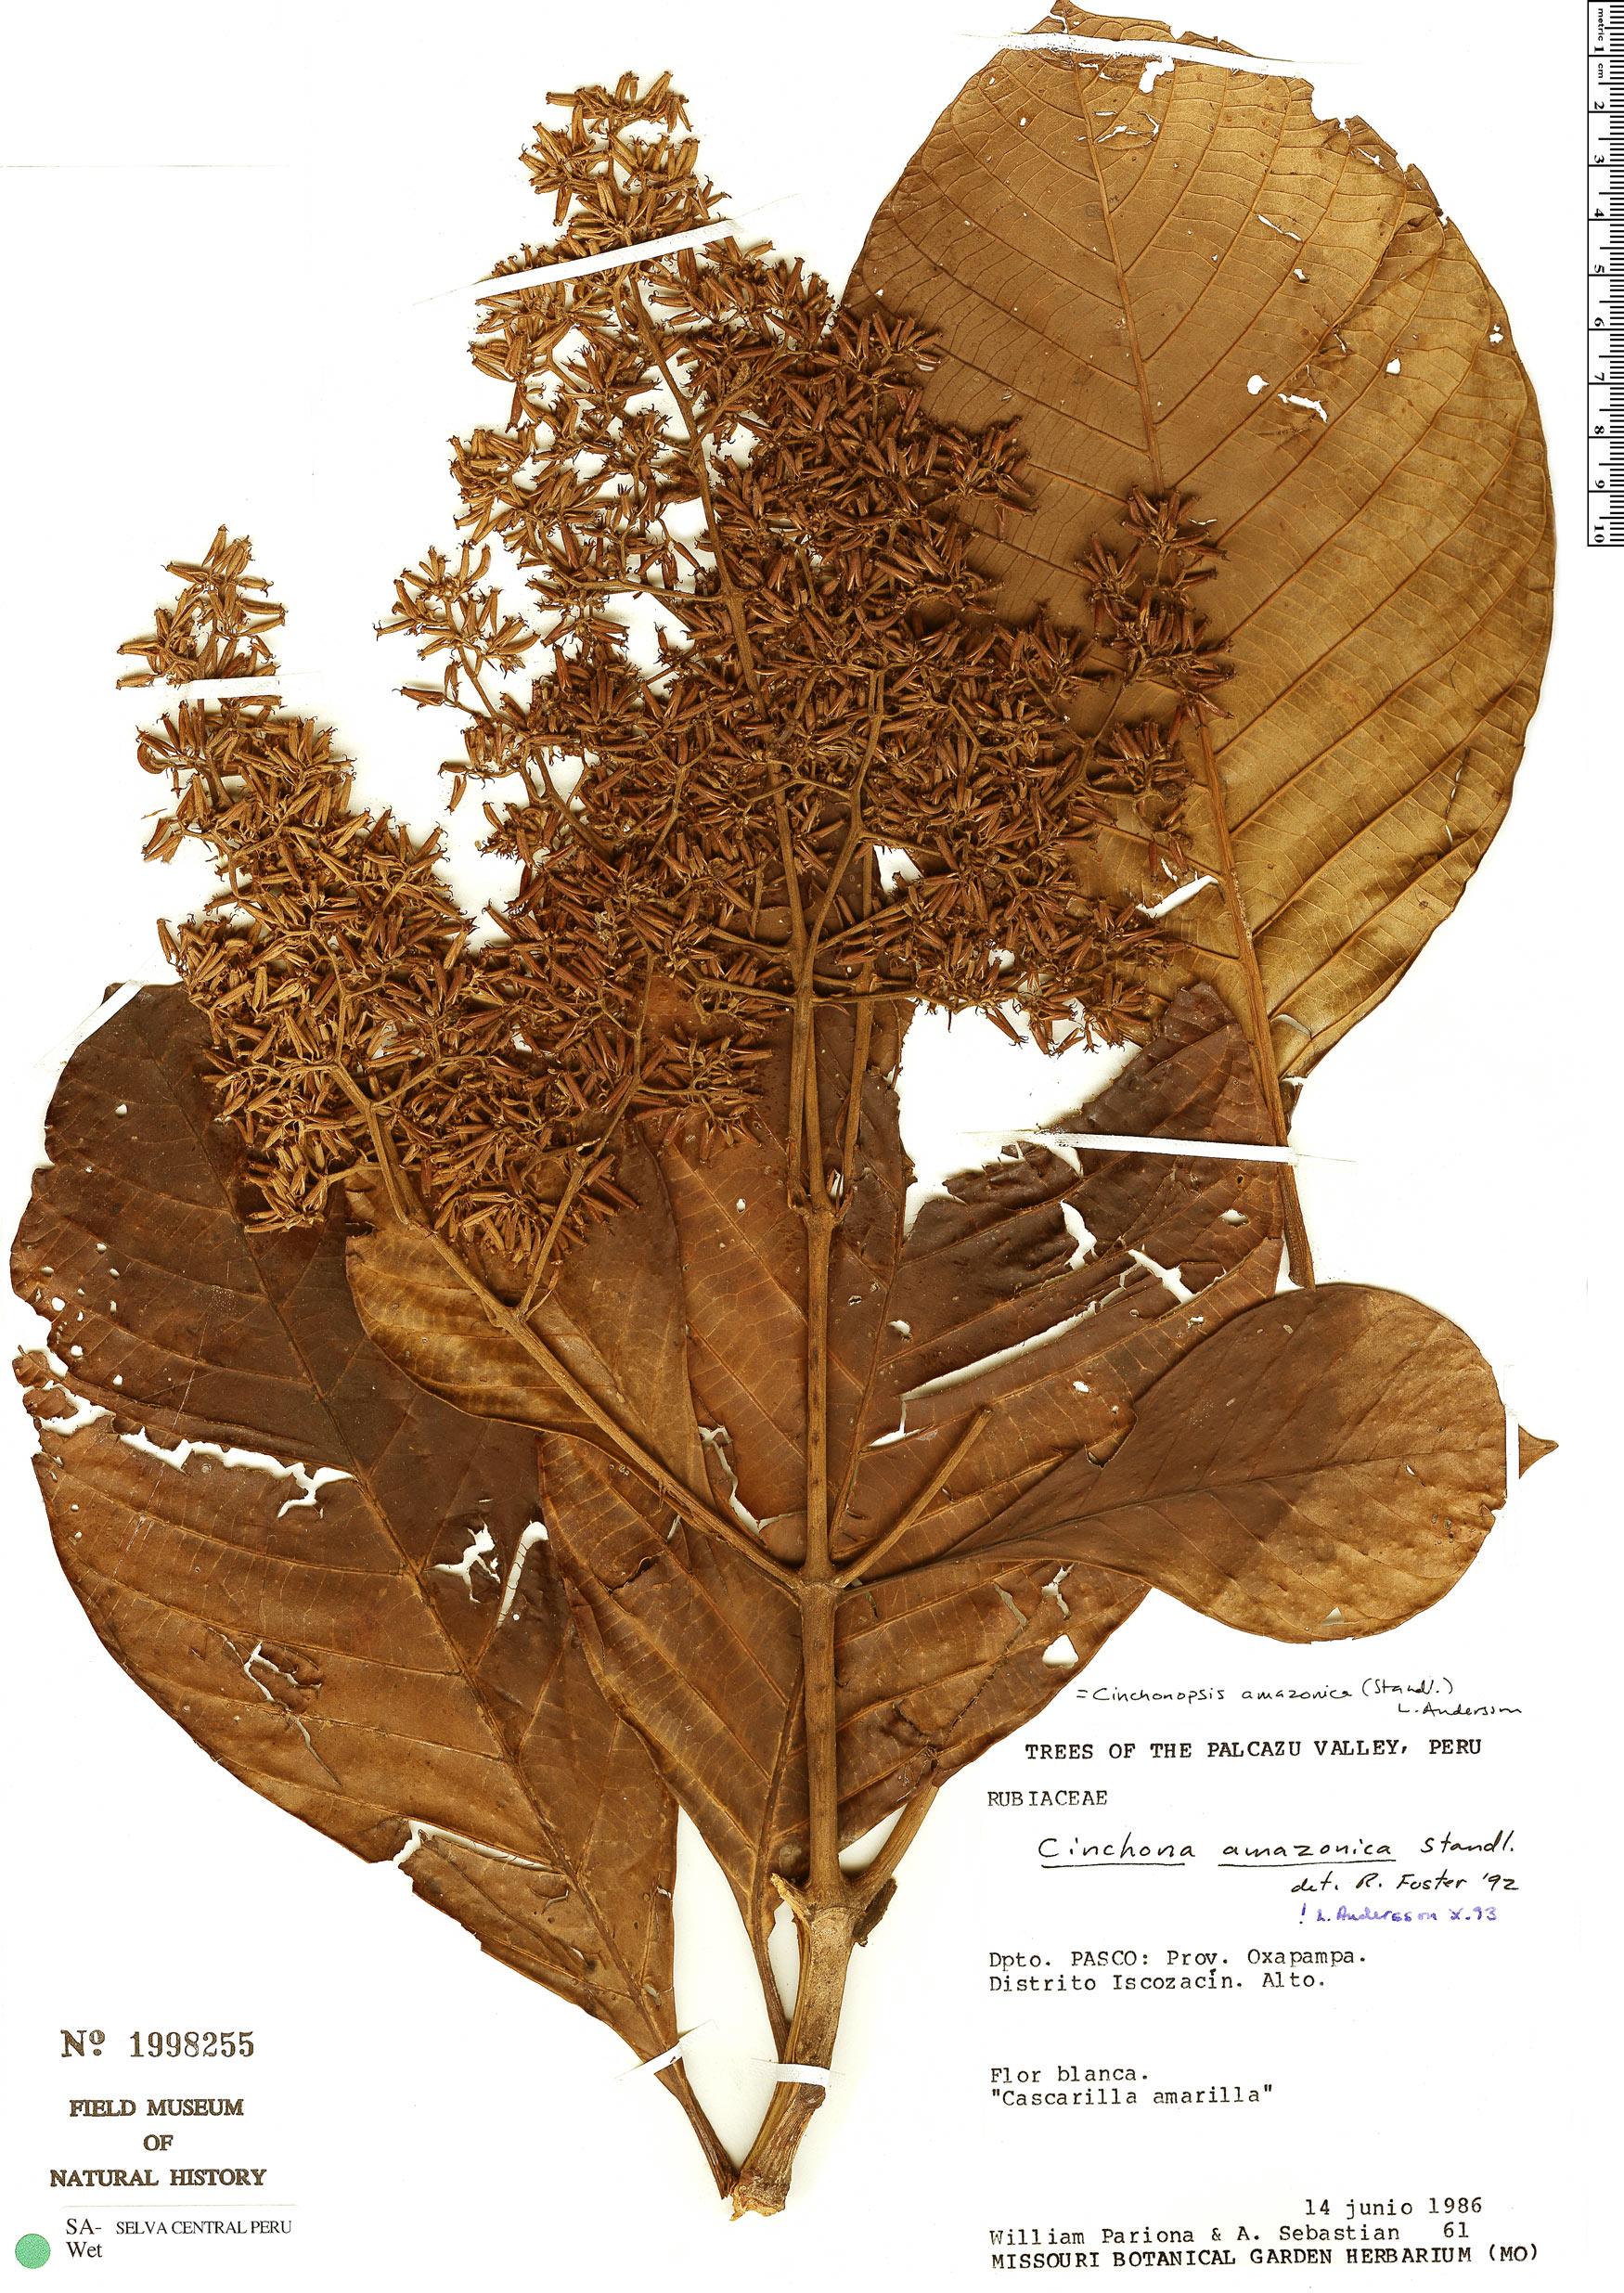 Specimen: Cinchonopsis amazonica